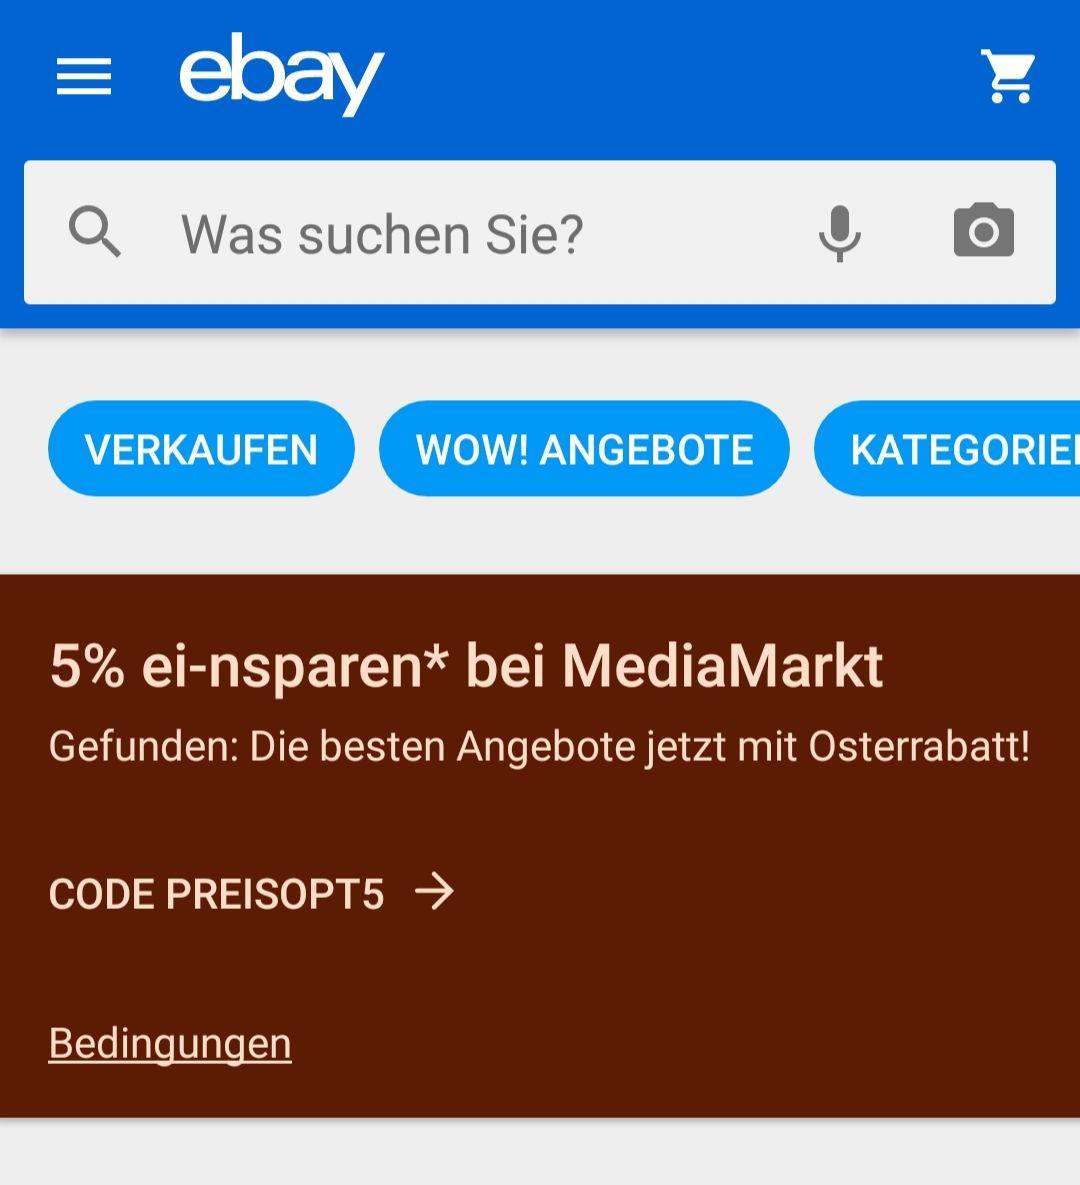 5% Gutschein für Mediamarkt-Produkte über eBay!